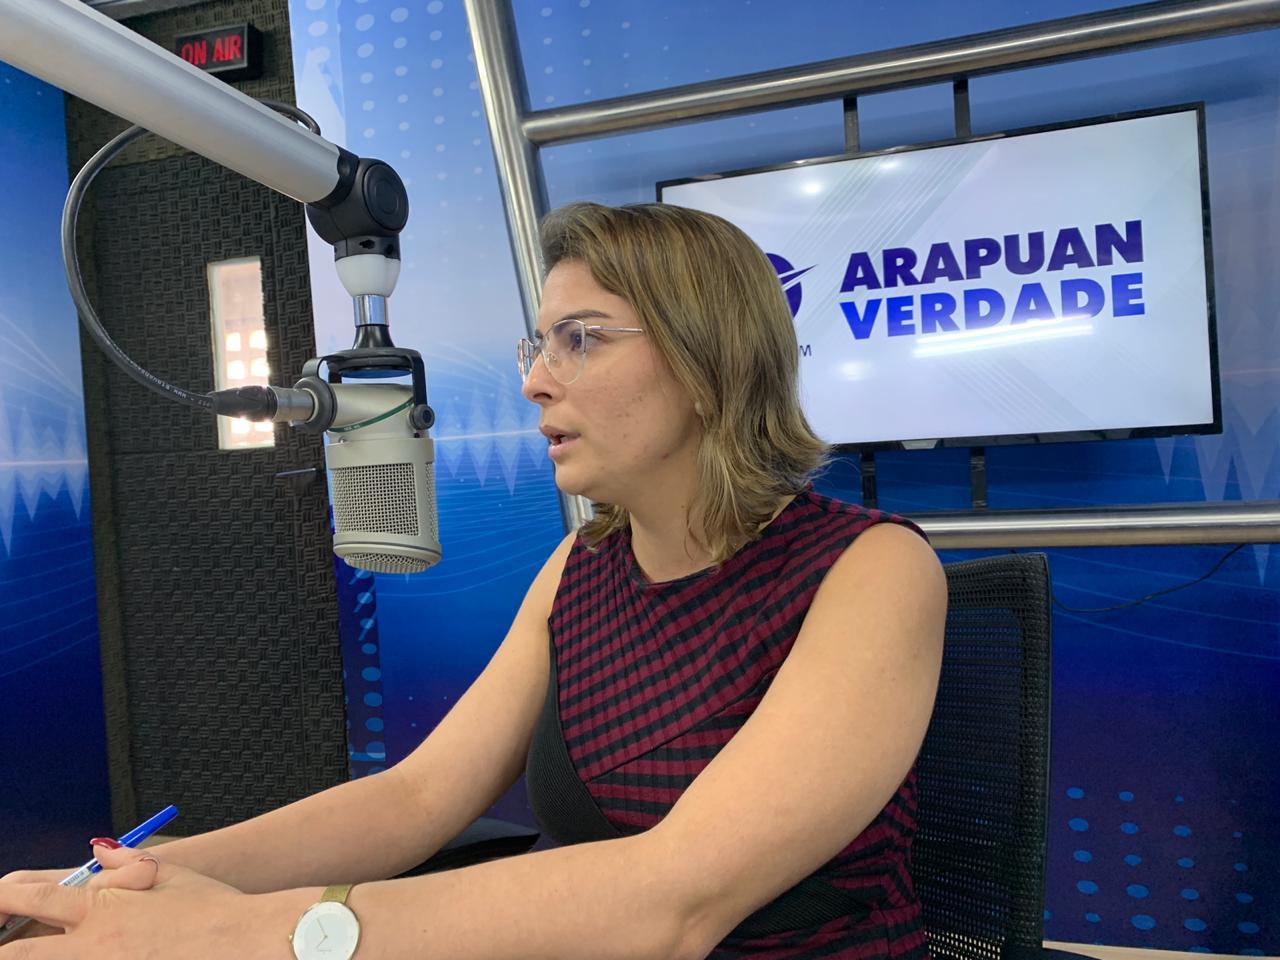 WhatsApp Image 2019 02 18 at 1.51.03 PM - Empreender Paraíba: 'Sempre tem dinheiro para emprestar aos empreendedores', garante secretária